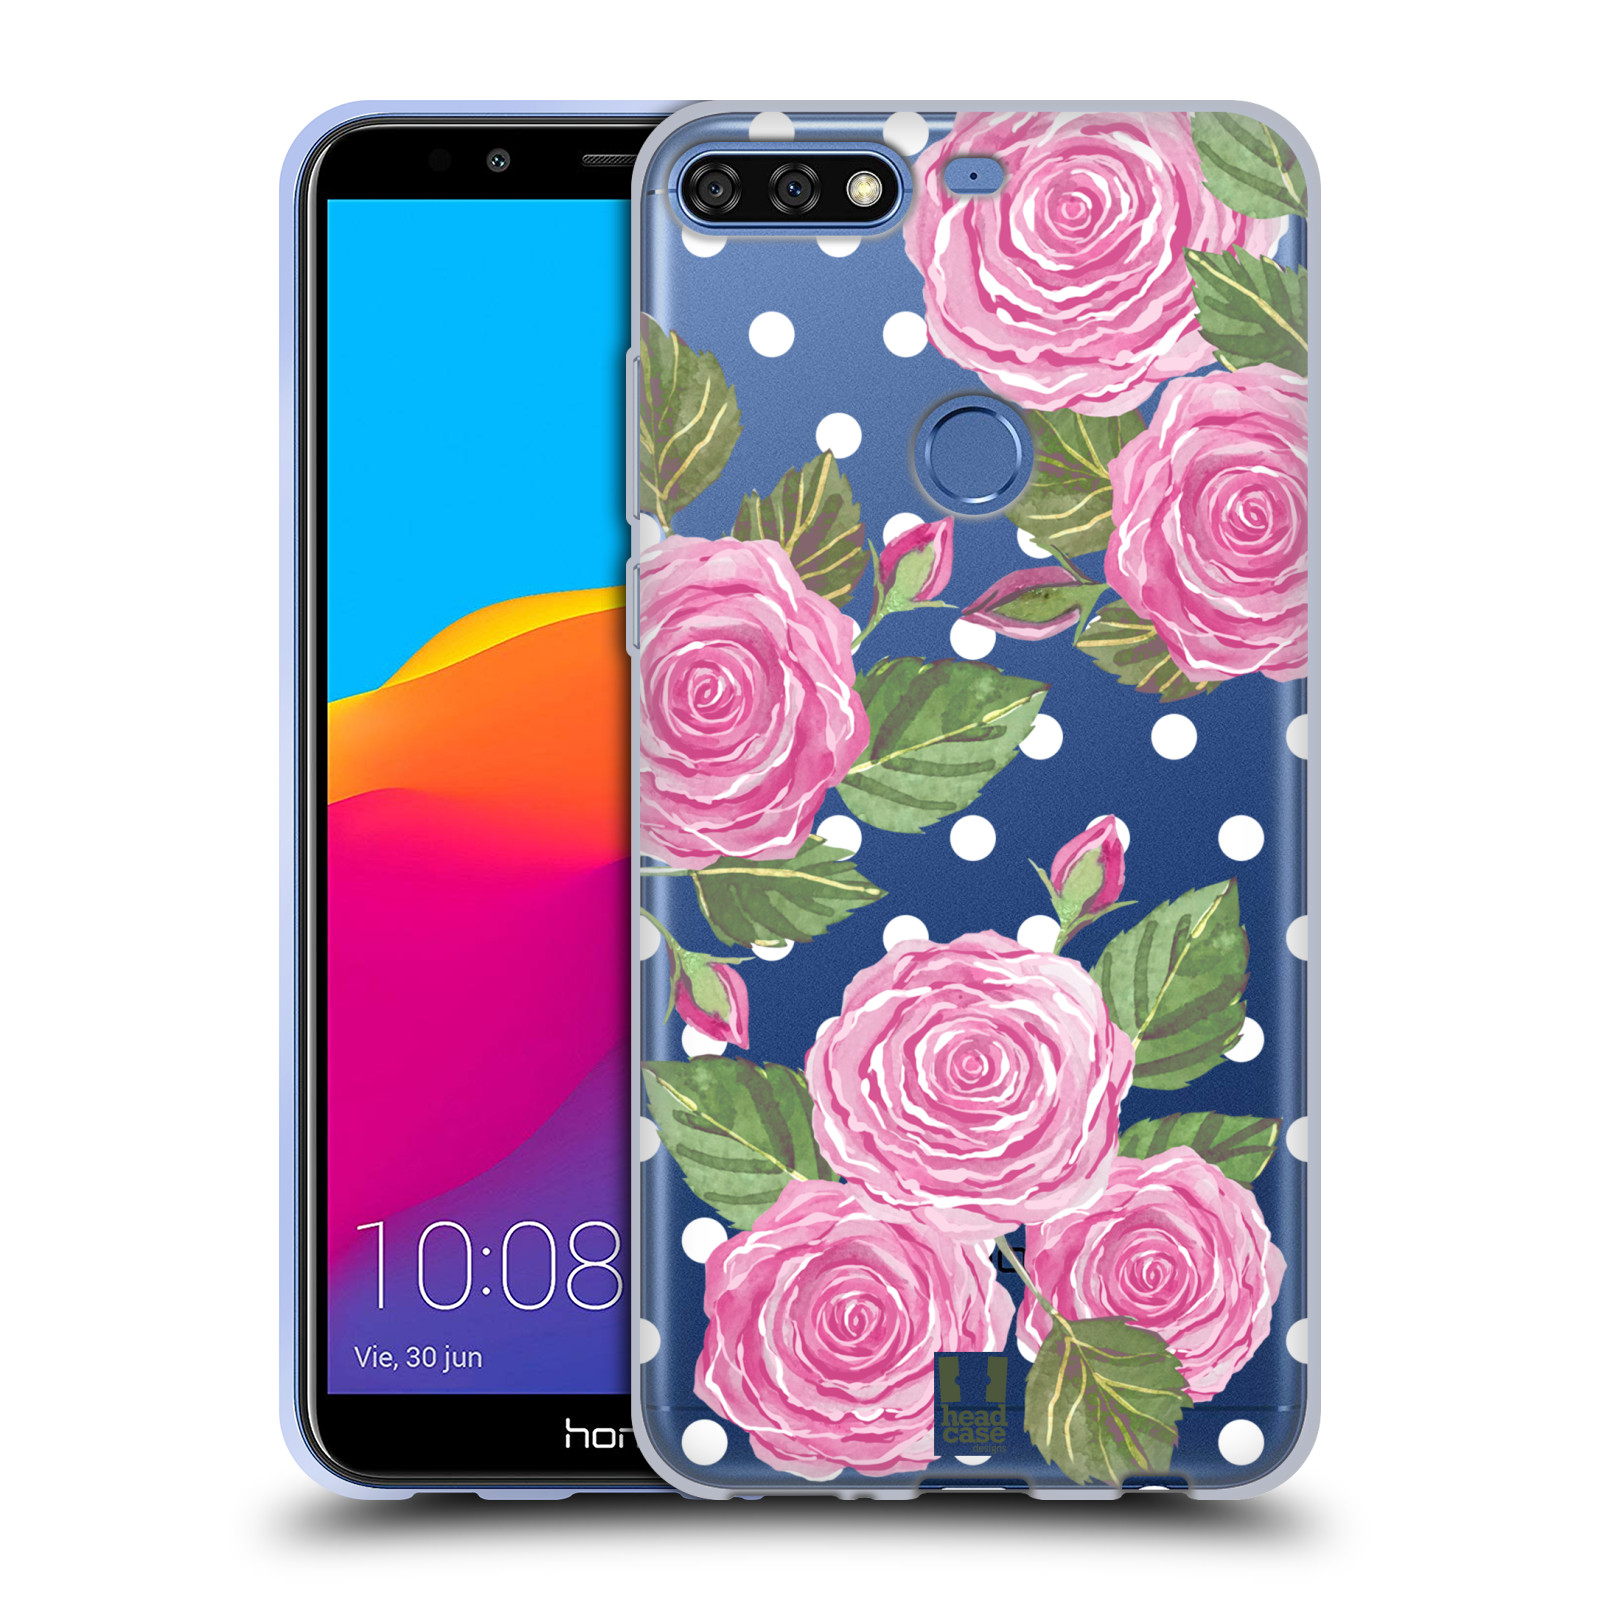 Silikonové pouzdro na mobil Huawei Y7 Prime (2018) - Head Case - Hezoučké růžičky - průhledné